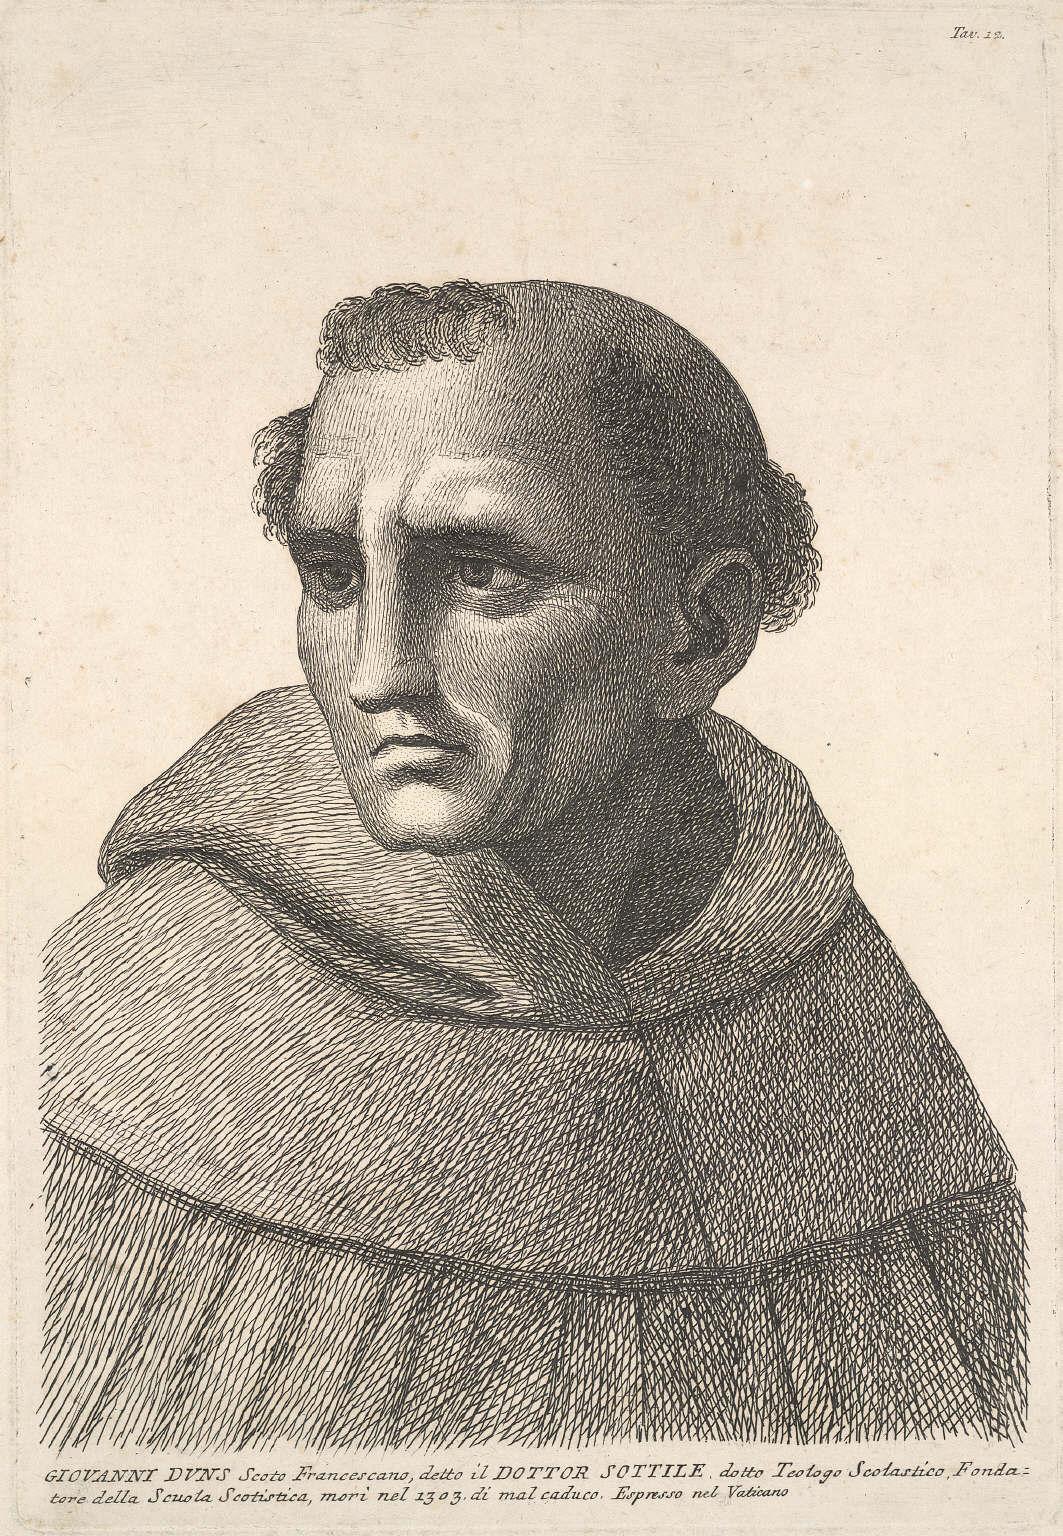 John Duns Scotus